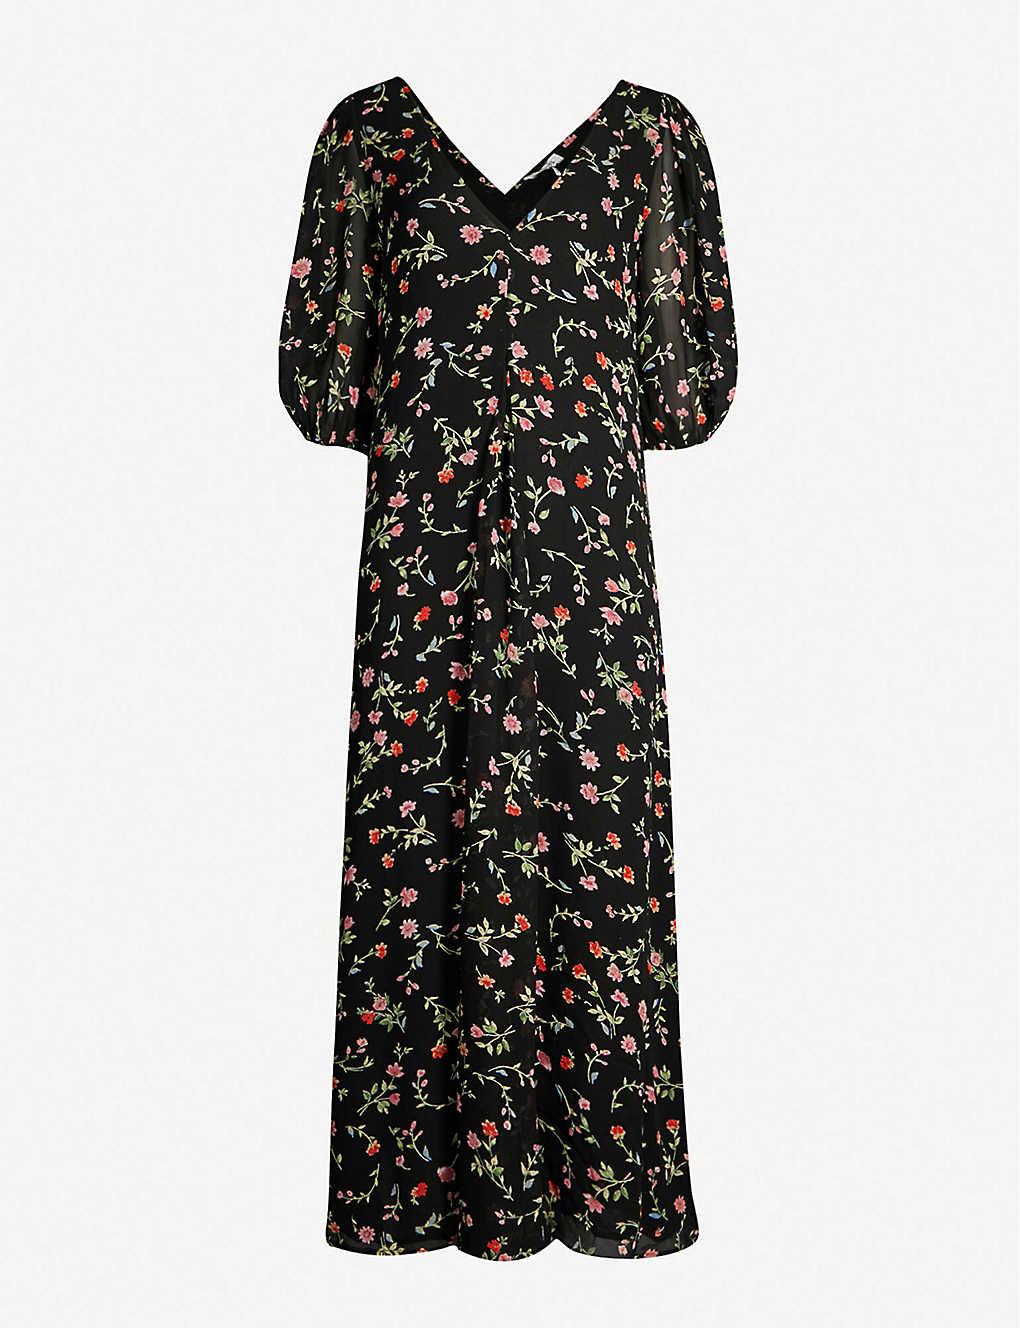 c8a84435 GANNI - Elm floral-print georgette tunic dress | Selfridges.com